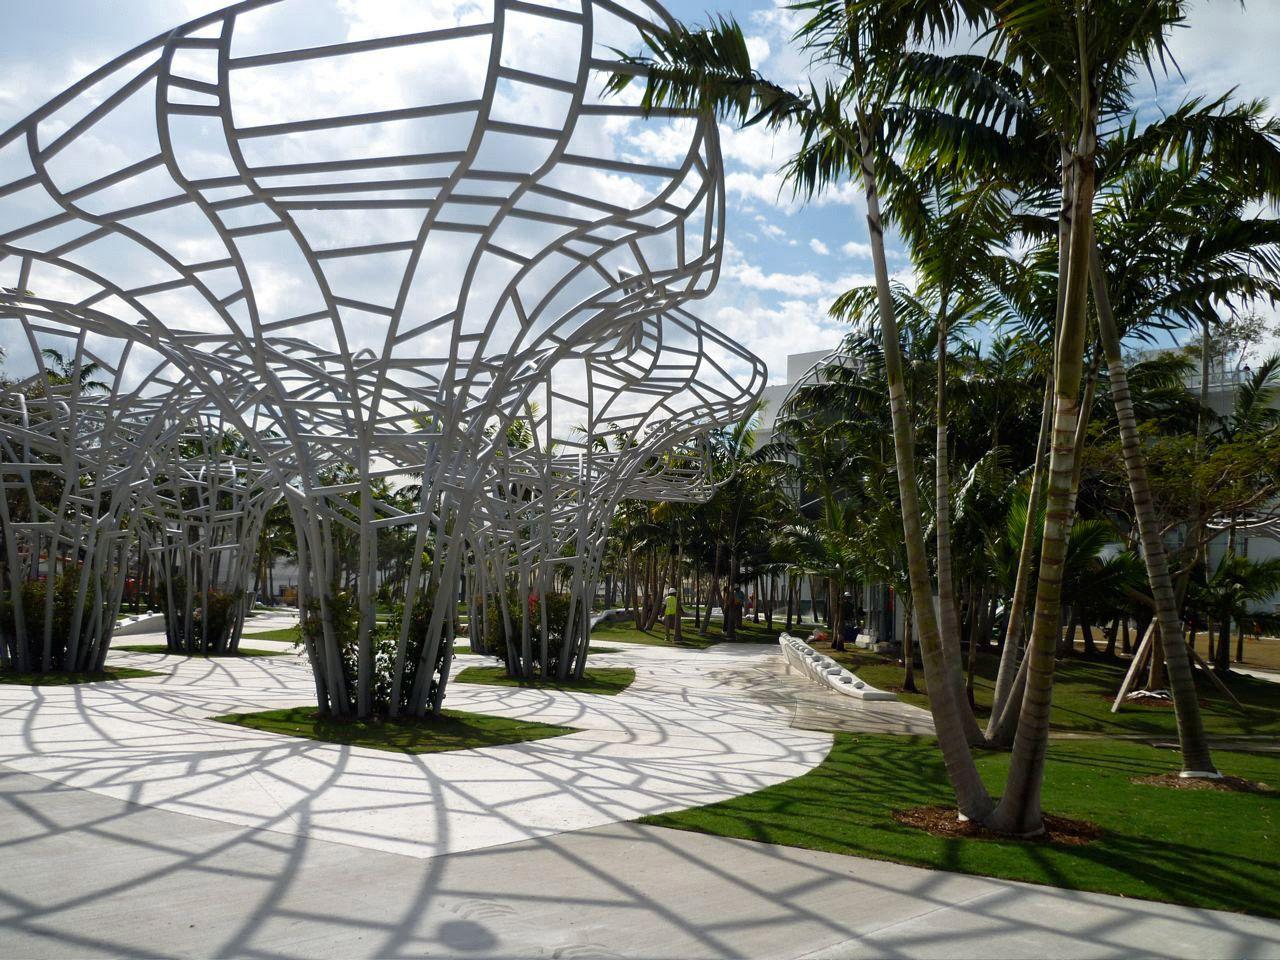 Landscape design topography miami beach soundscape for Landscape design miami